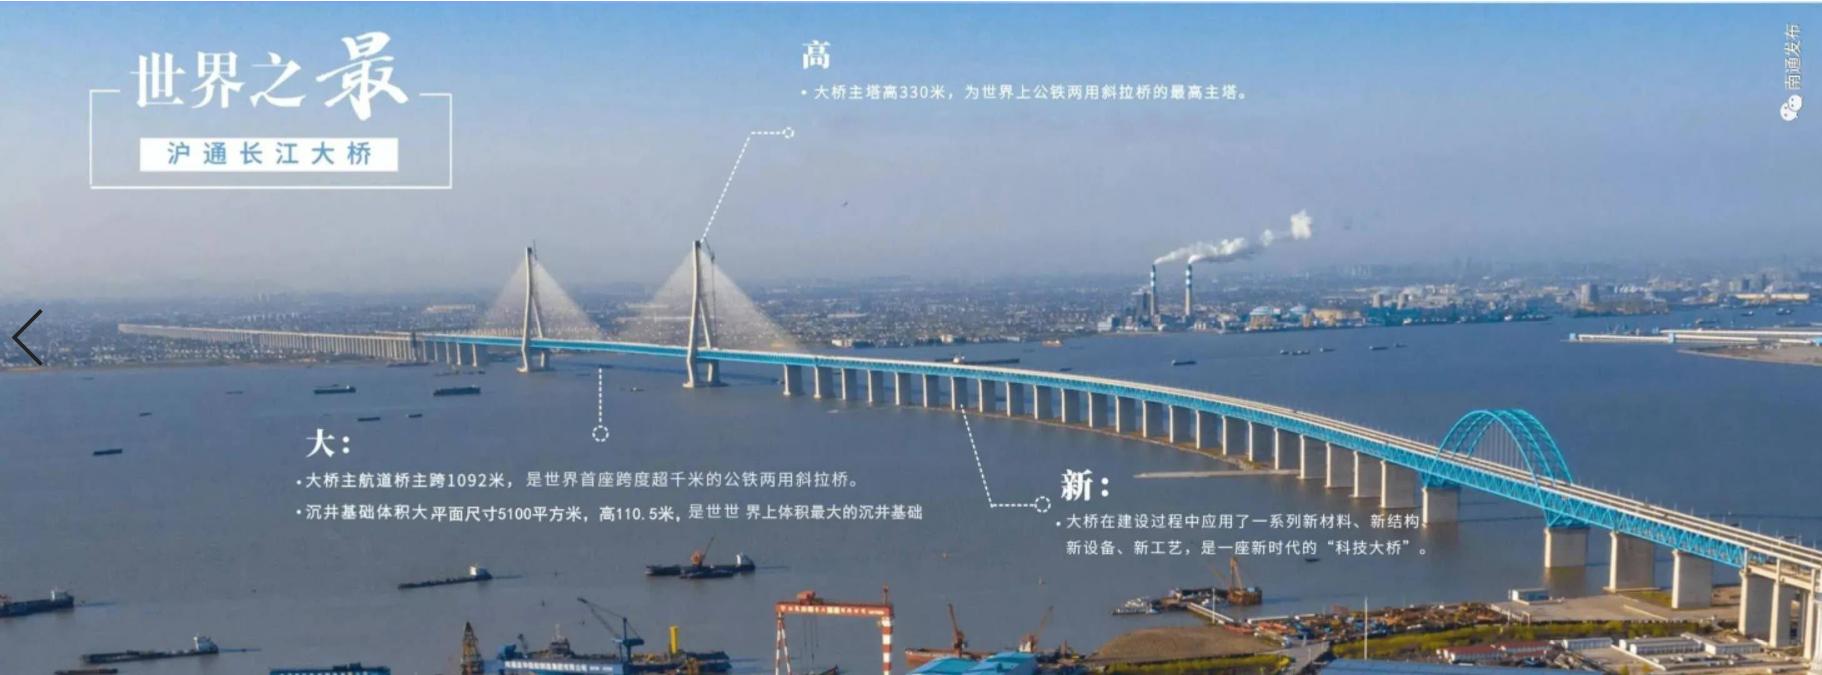 沪苏通大桥上的5G信号好使么?背后是江苏企业的硬件支撑